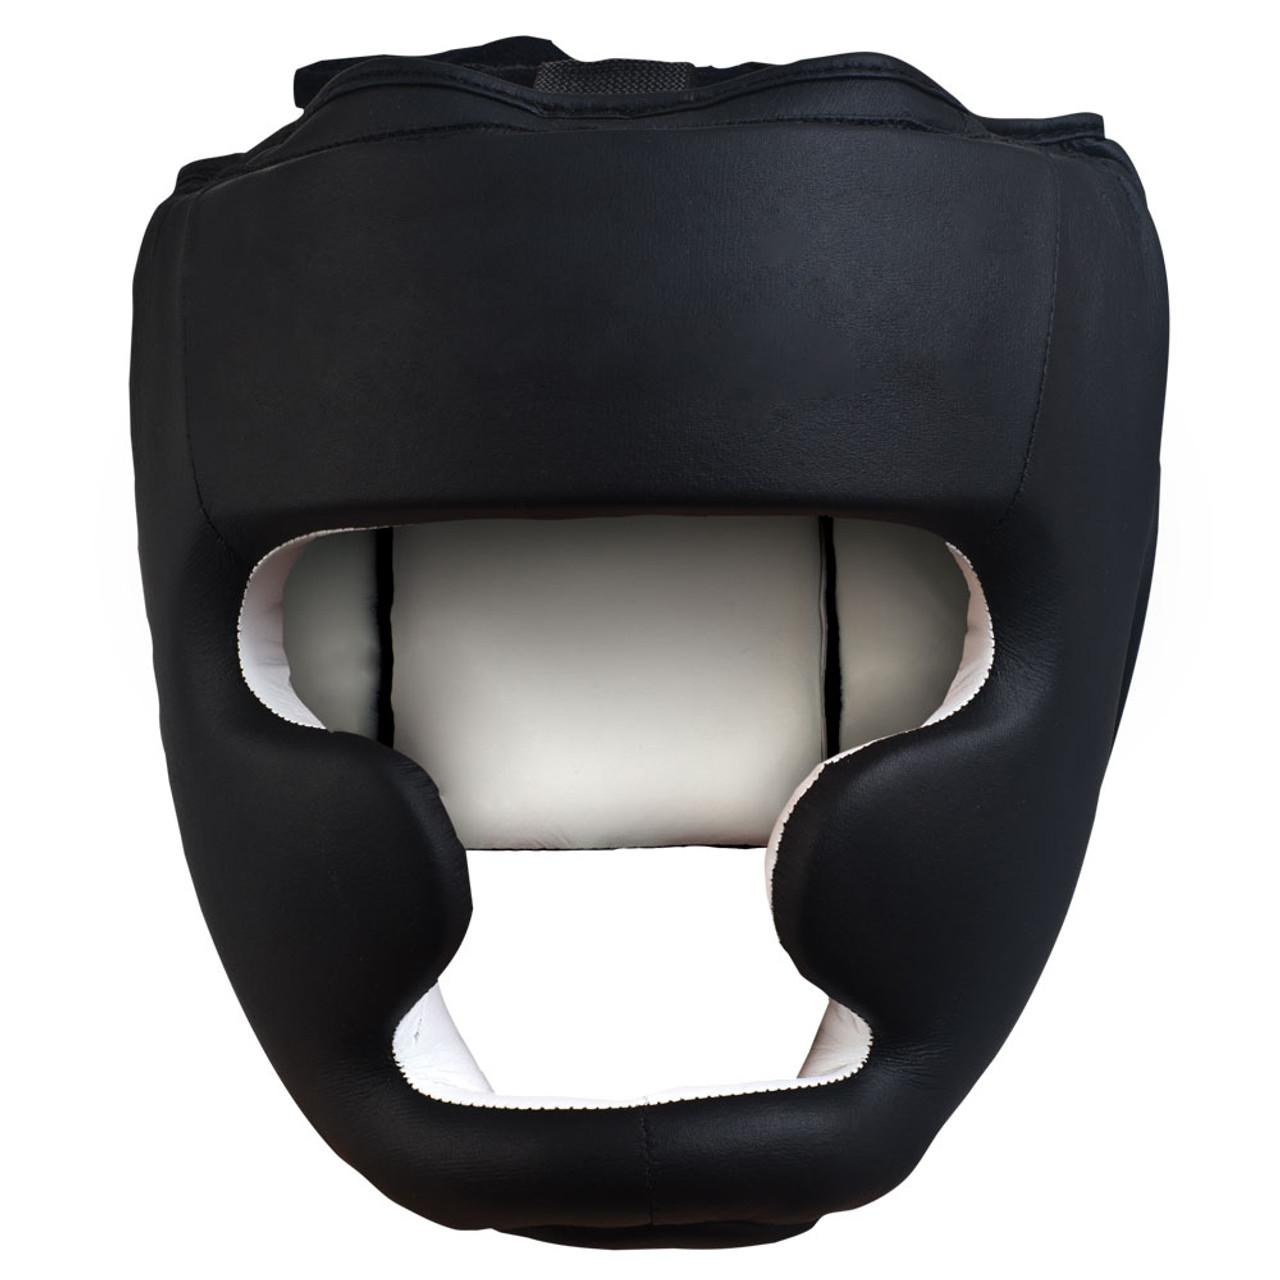 Pro Spar Headgear - Blank